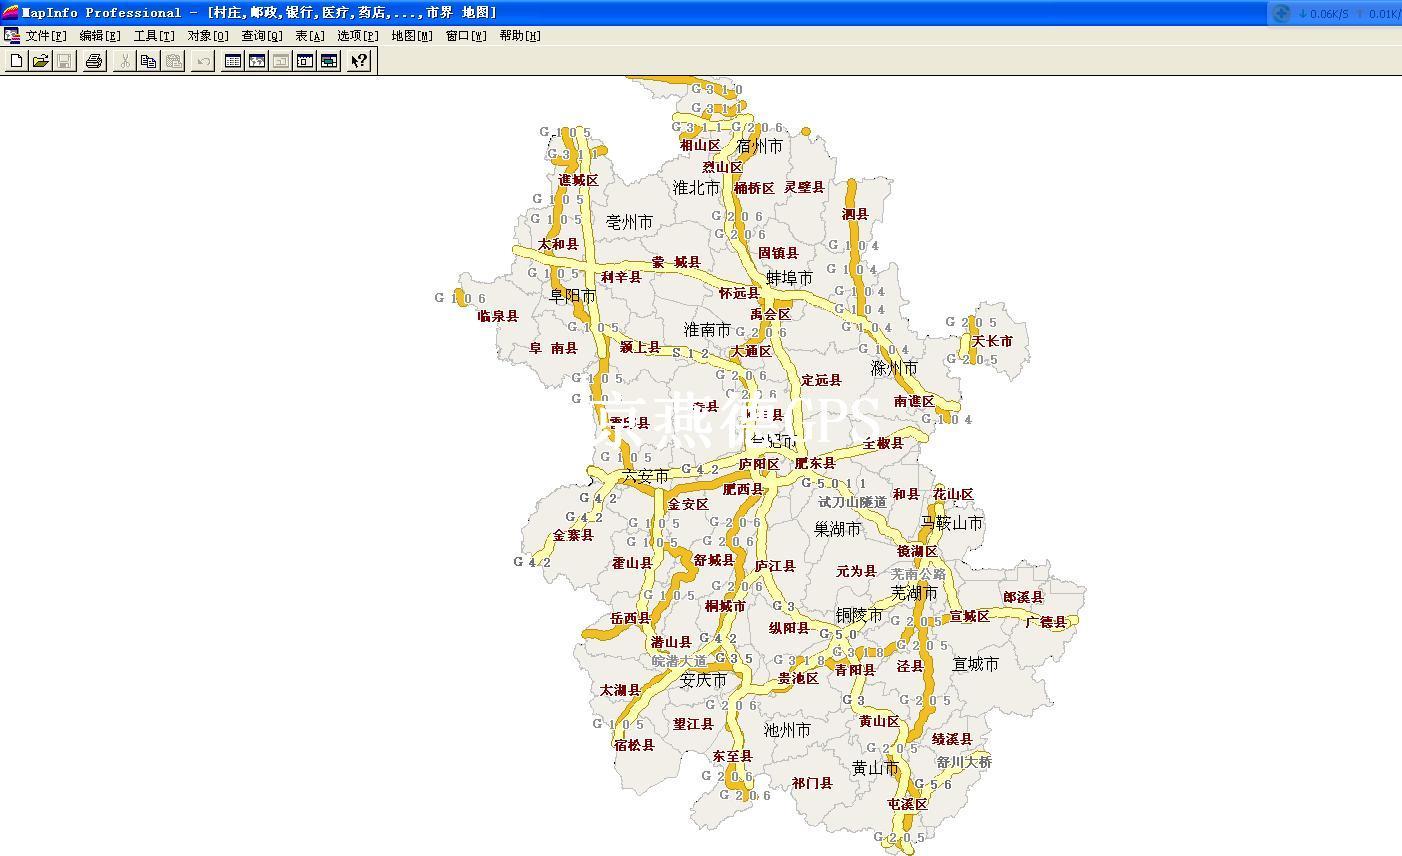 哈尔滨市五常市电子地图-mapinfo格式;